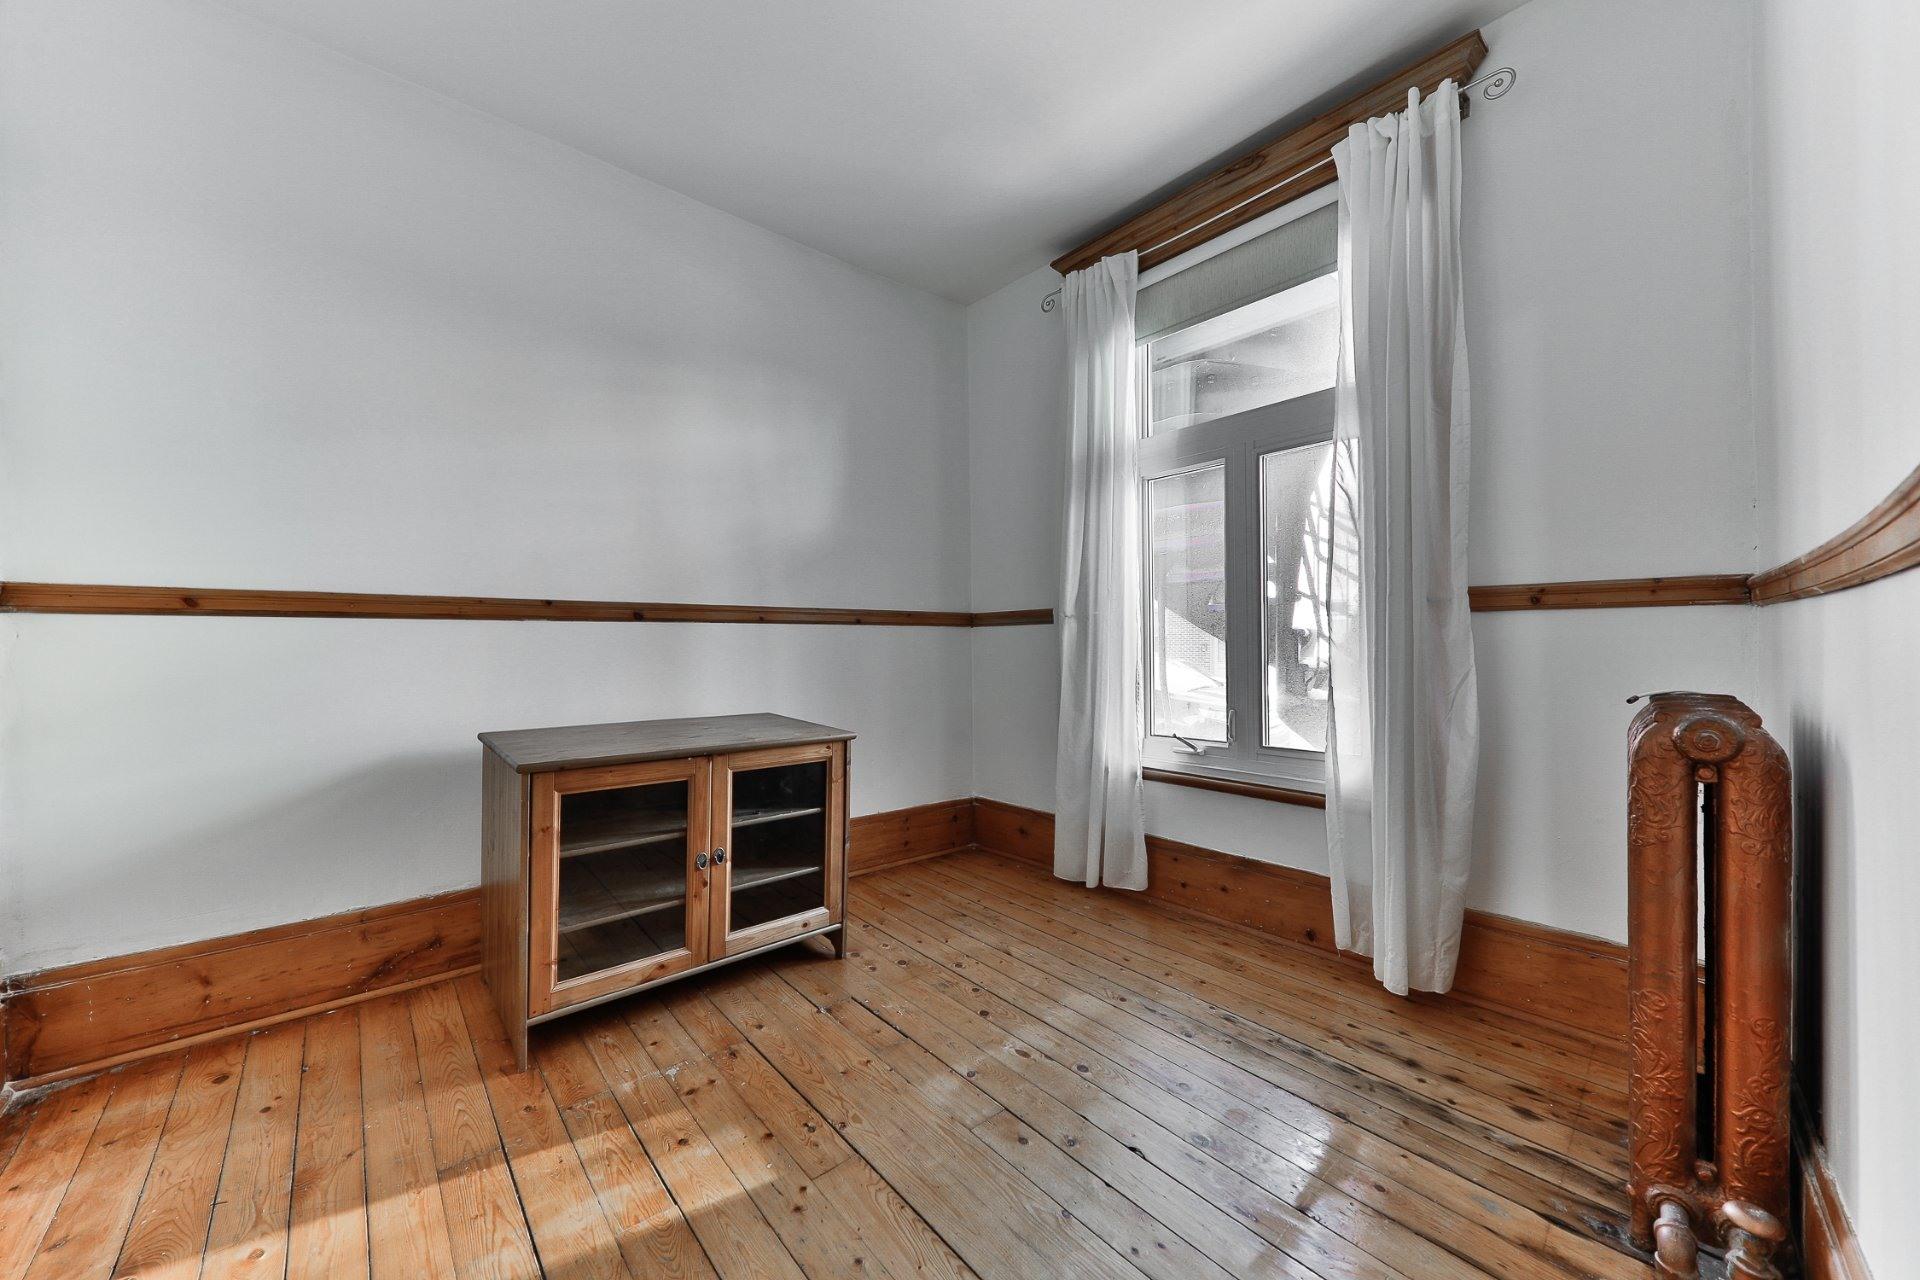 image 15 - Appartement À vendre Le Plateau-Mont-Royal Montréal  - 8 pièces